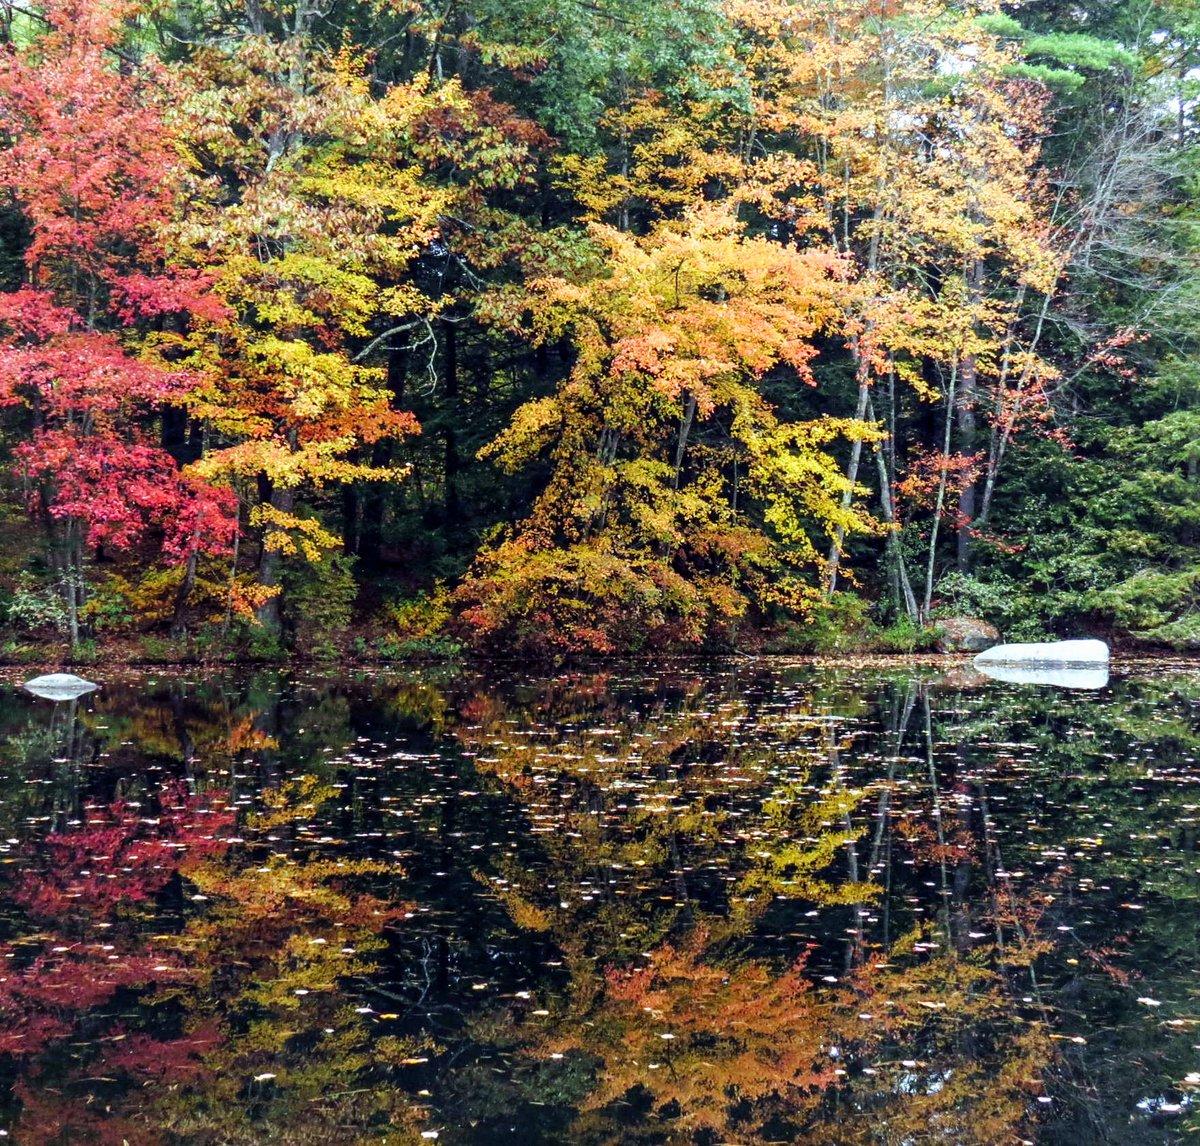 7. Lake View